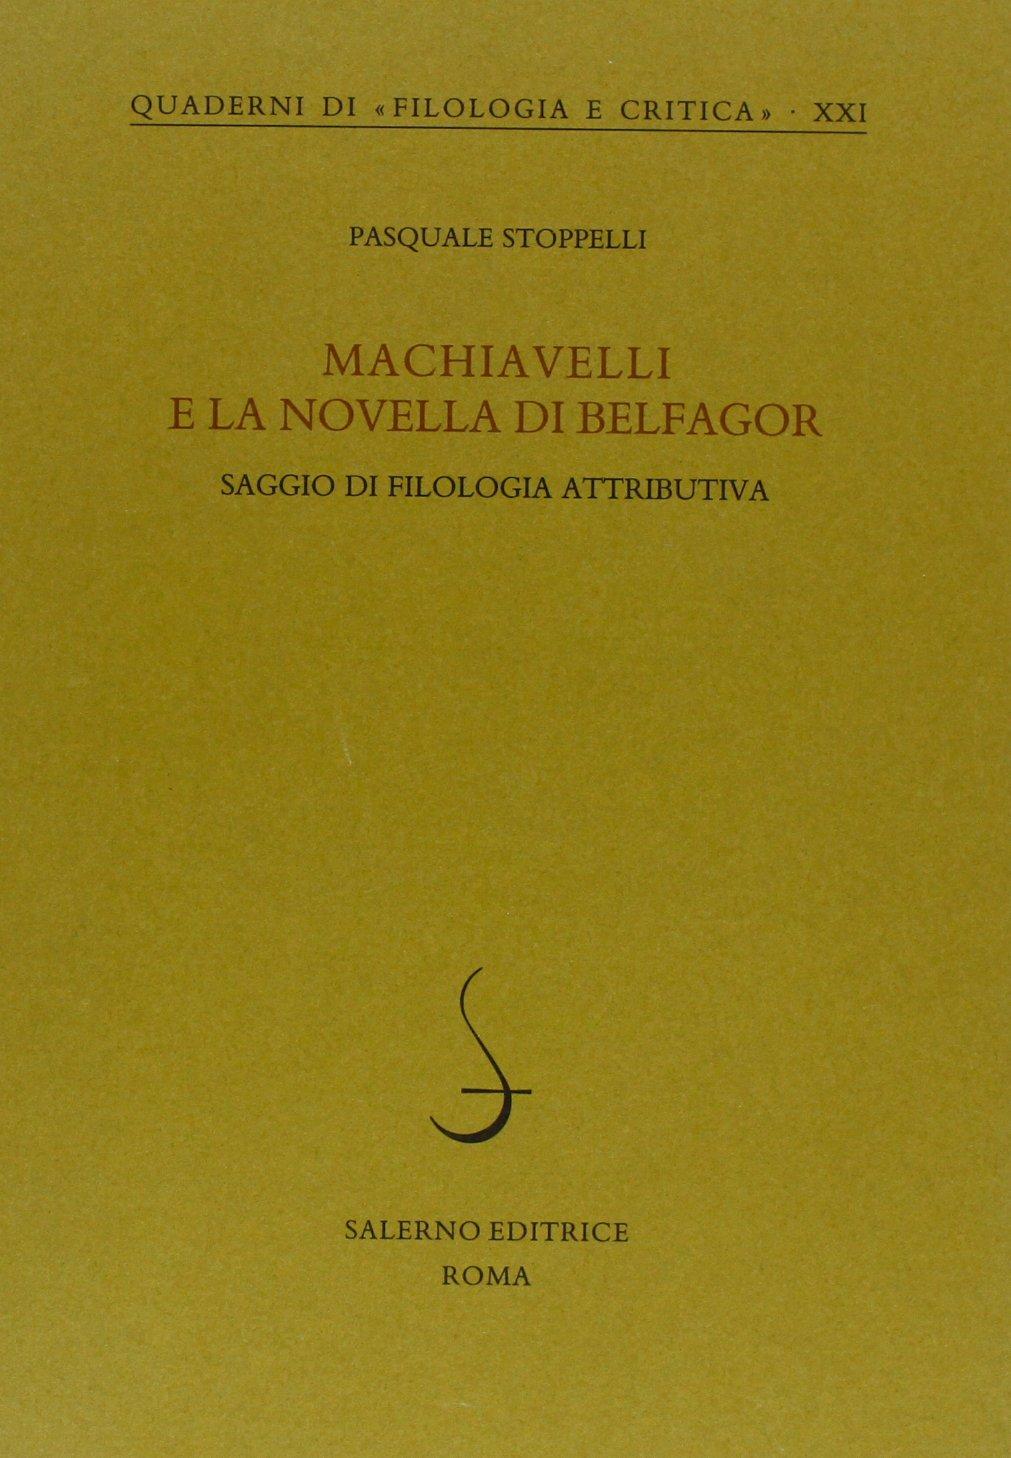 Machiavelli e la novella di Belfagor